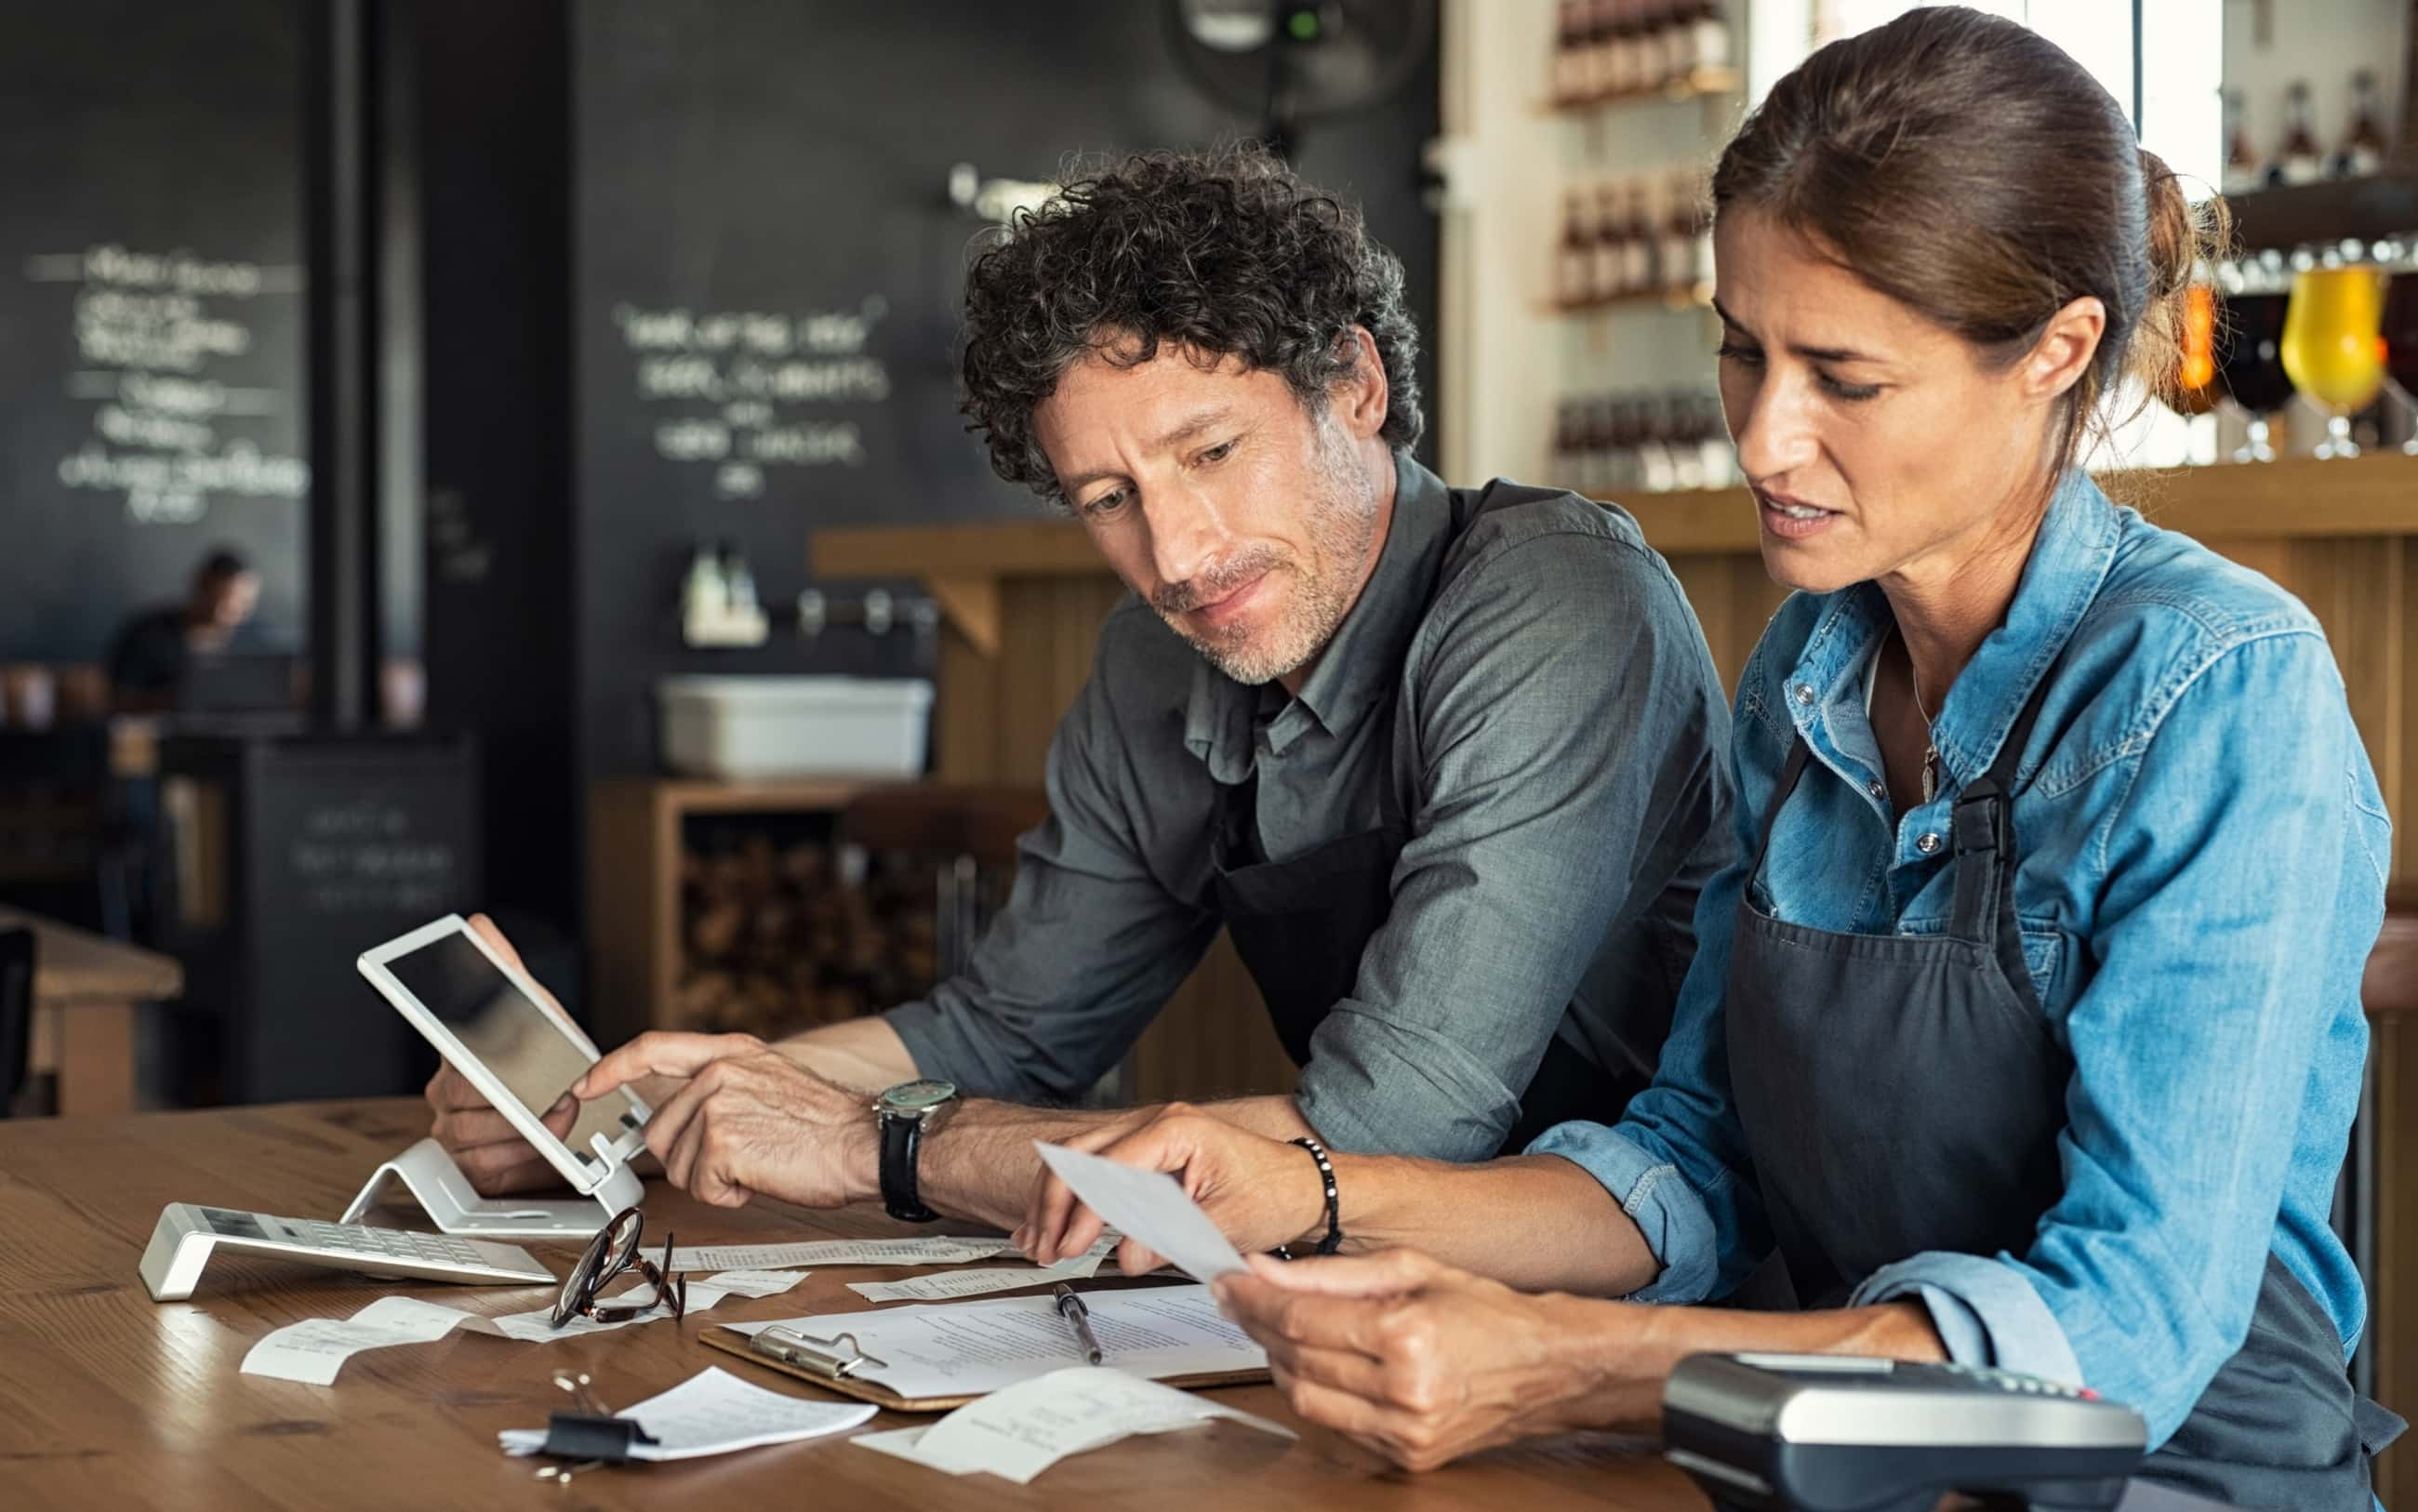 Logiciel pour créer une facture en tant qu'auto-entrepreneur